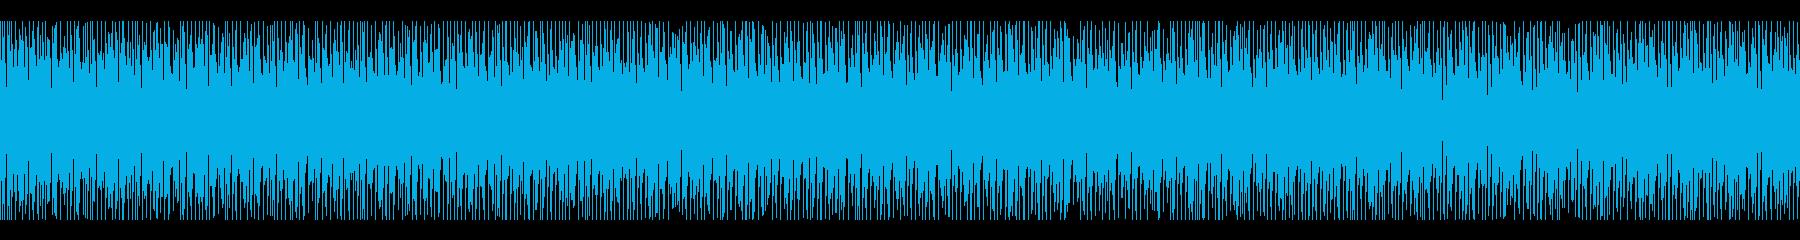 ファミコン 敵、戦闘時のBGM(ループ)の再生済みの波形